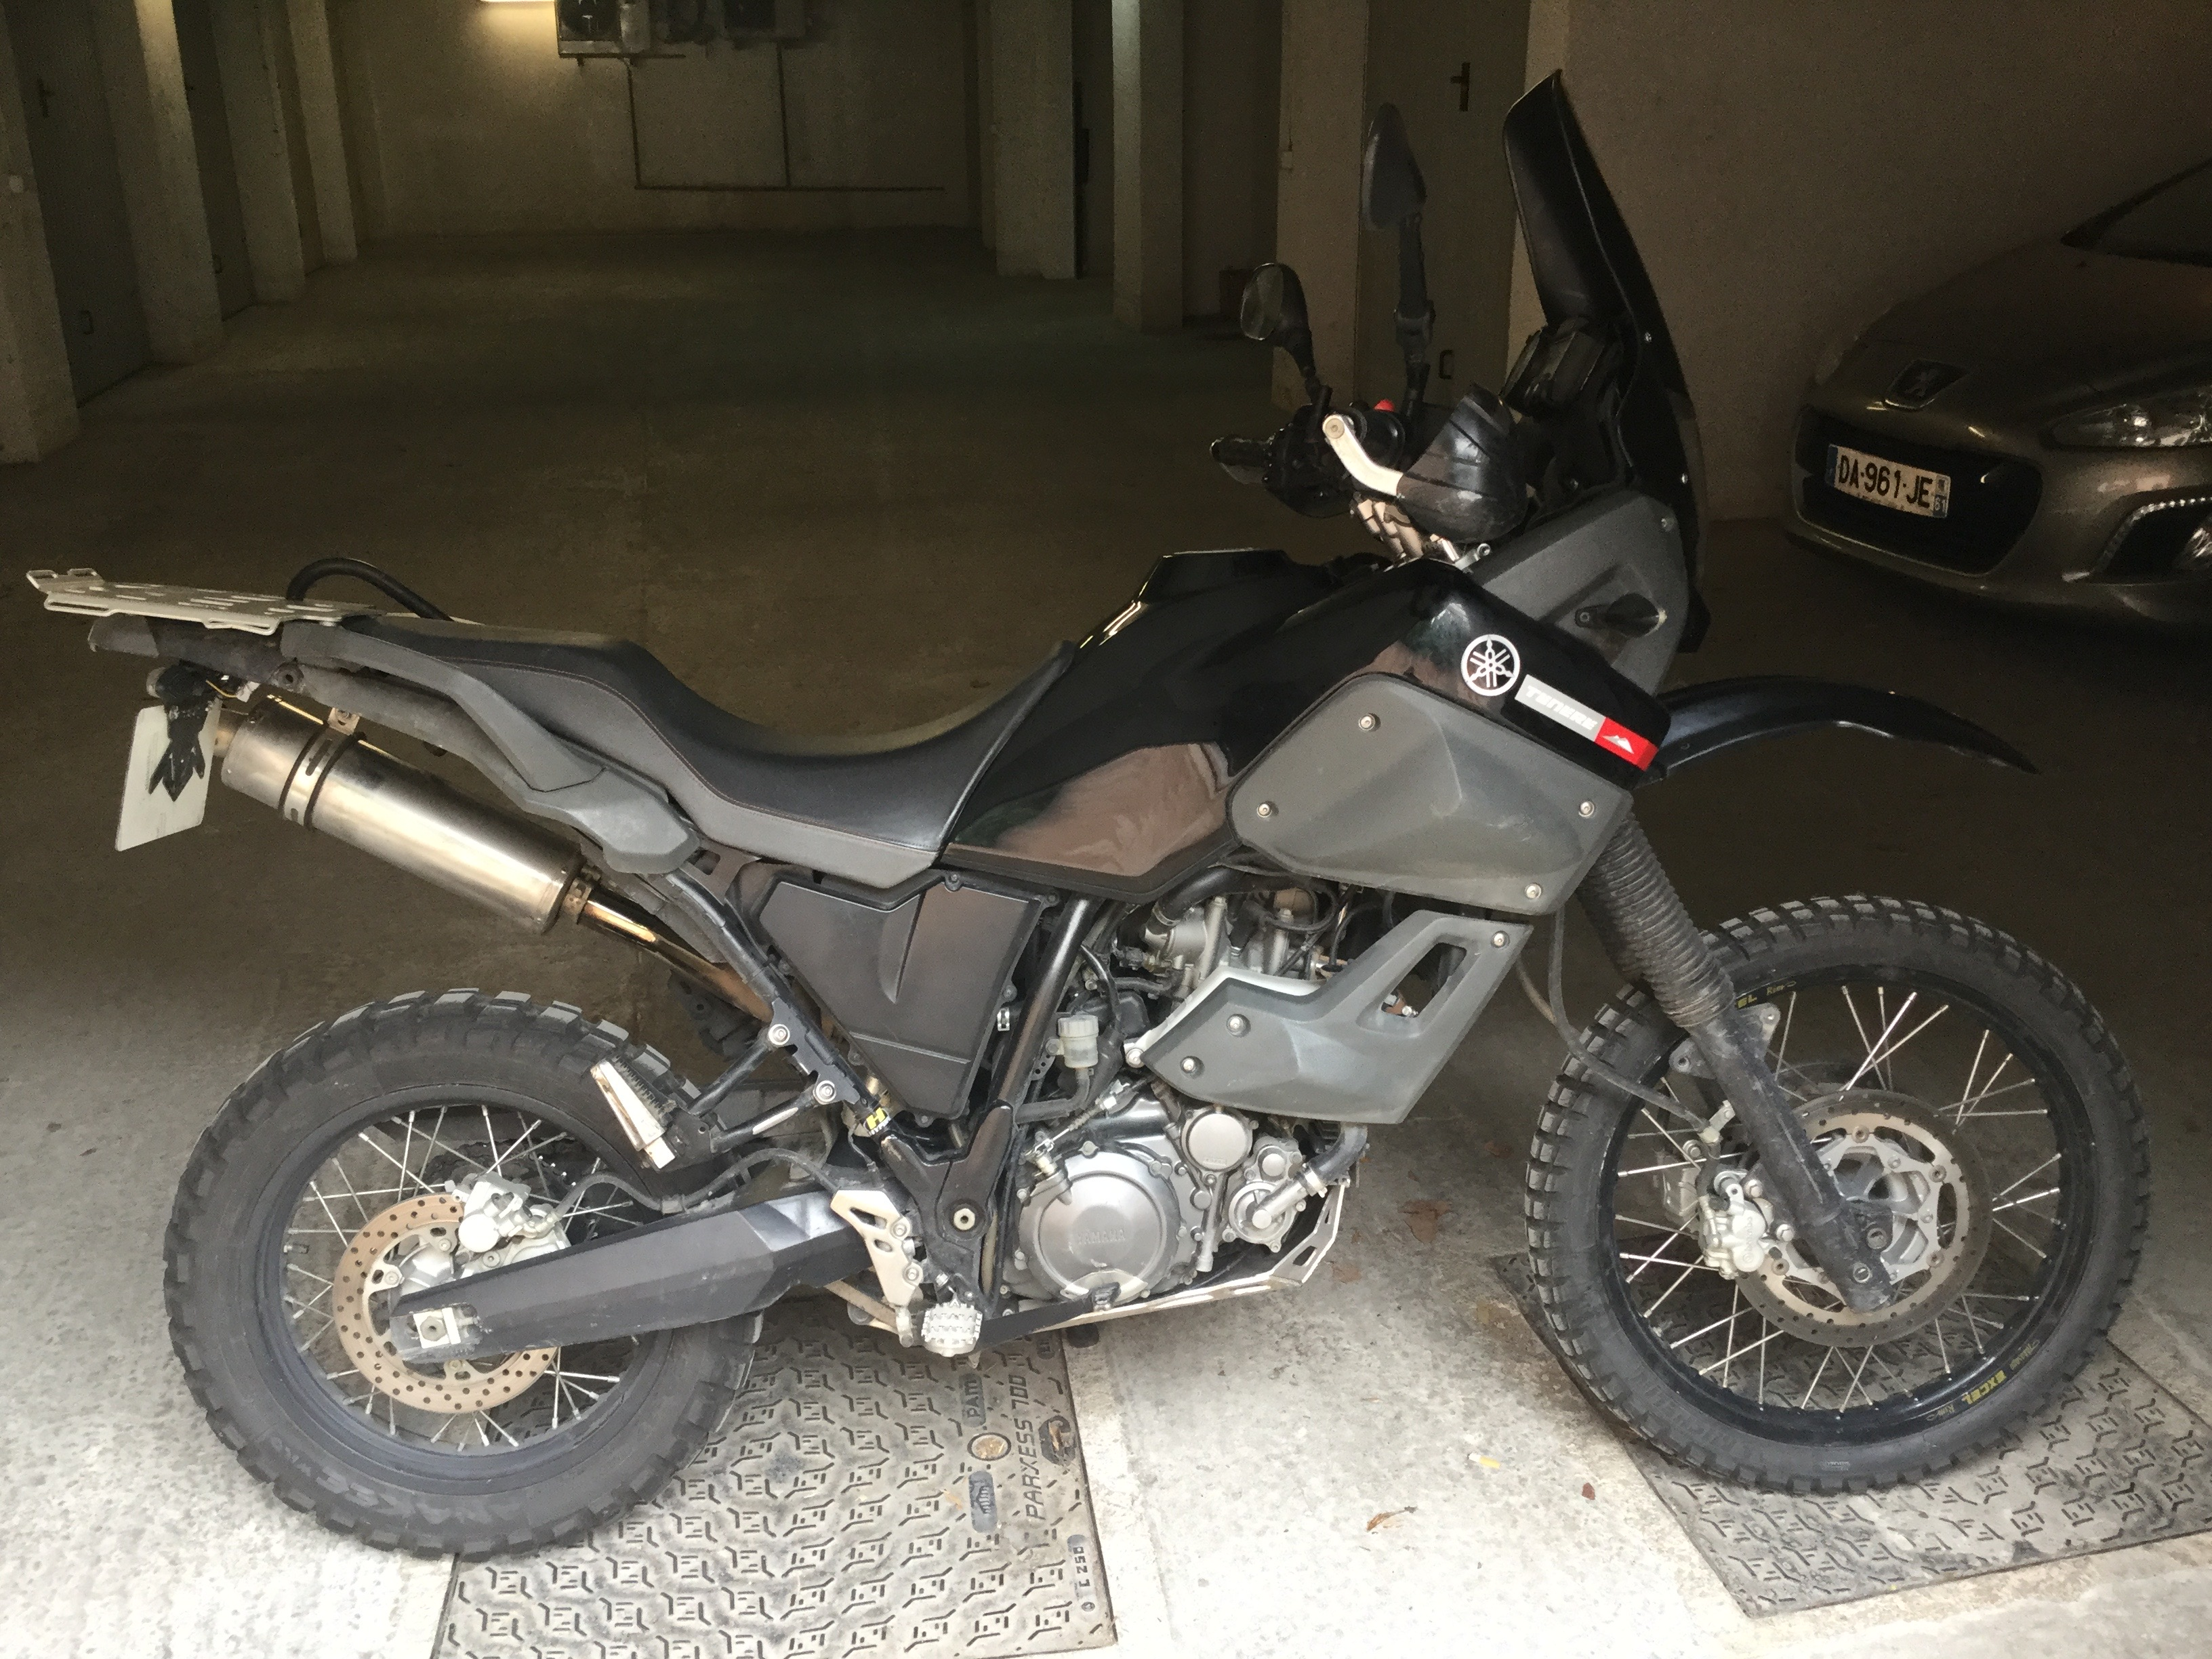 [VENDUE] XTZ 660 - 34 000km - Pas mal d'option : 3900euros Img_3610